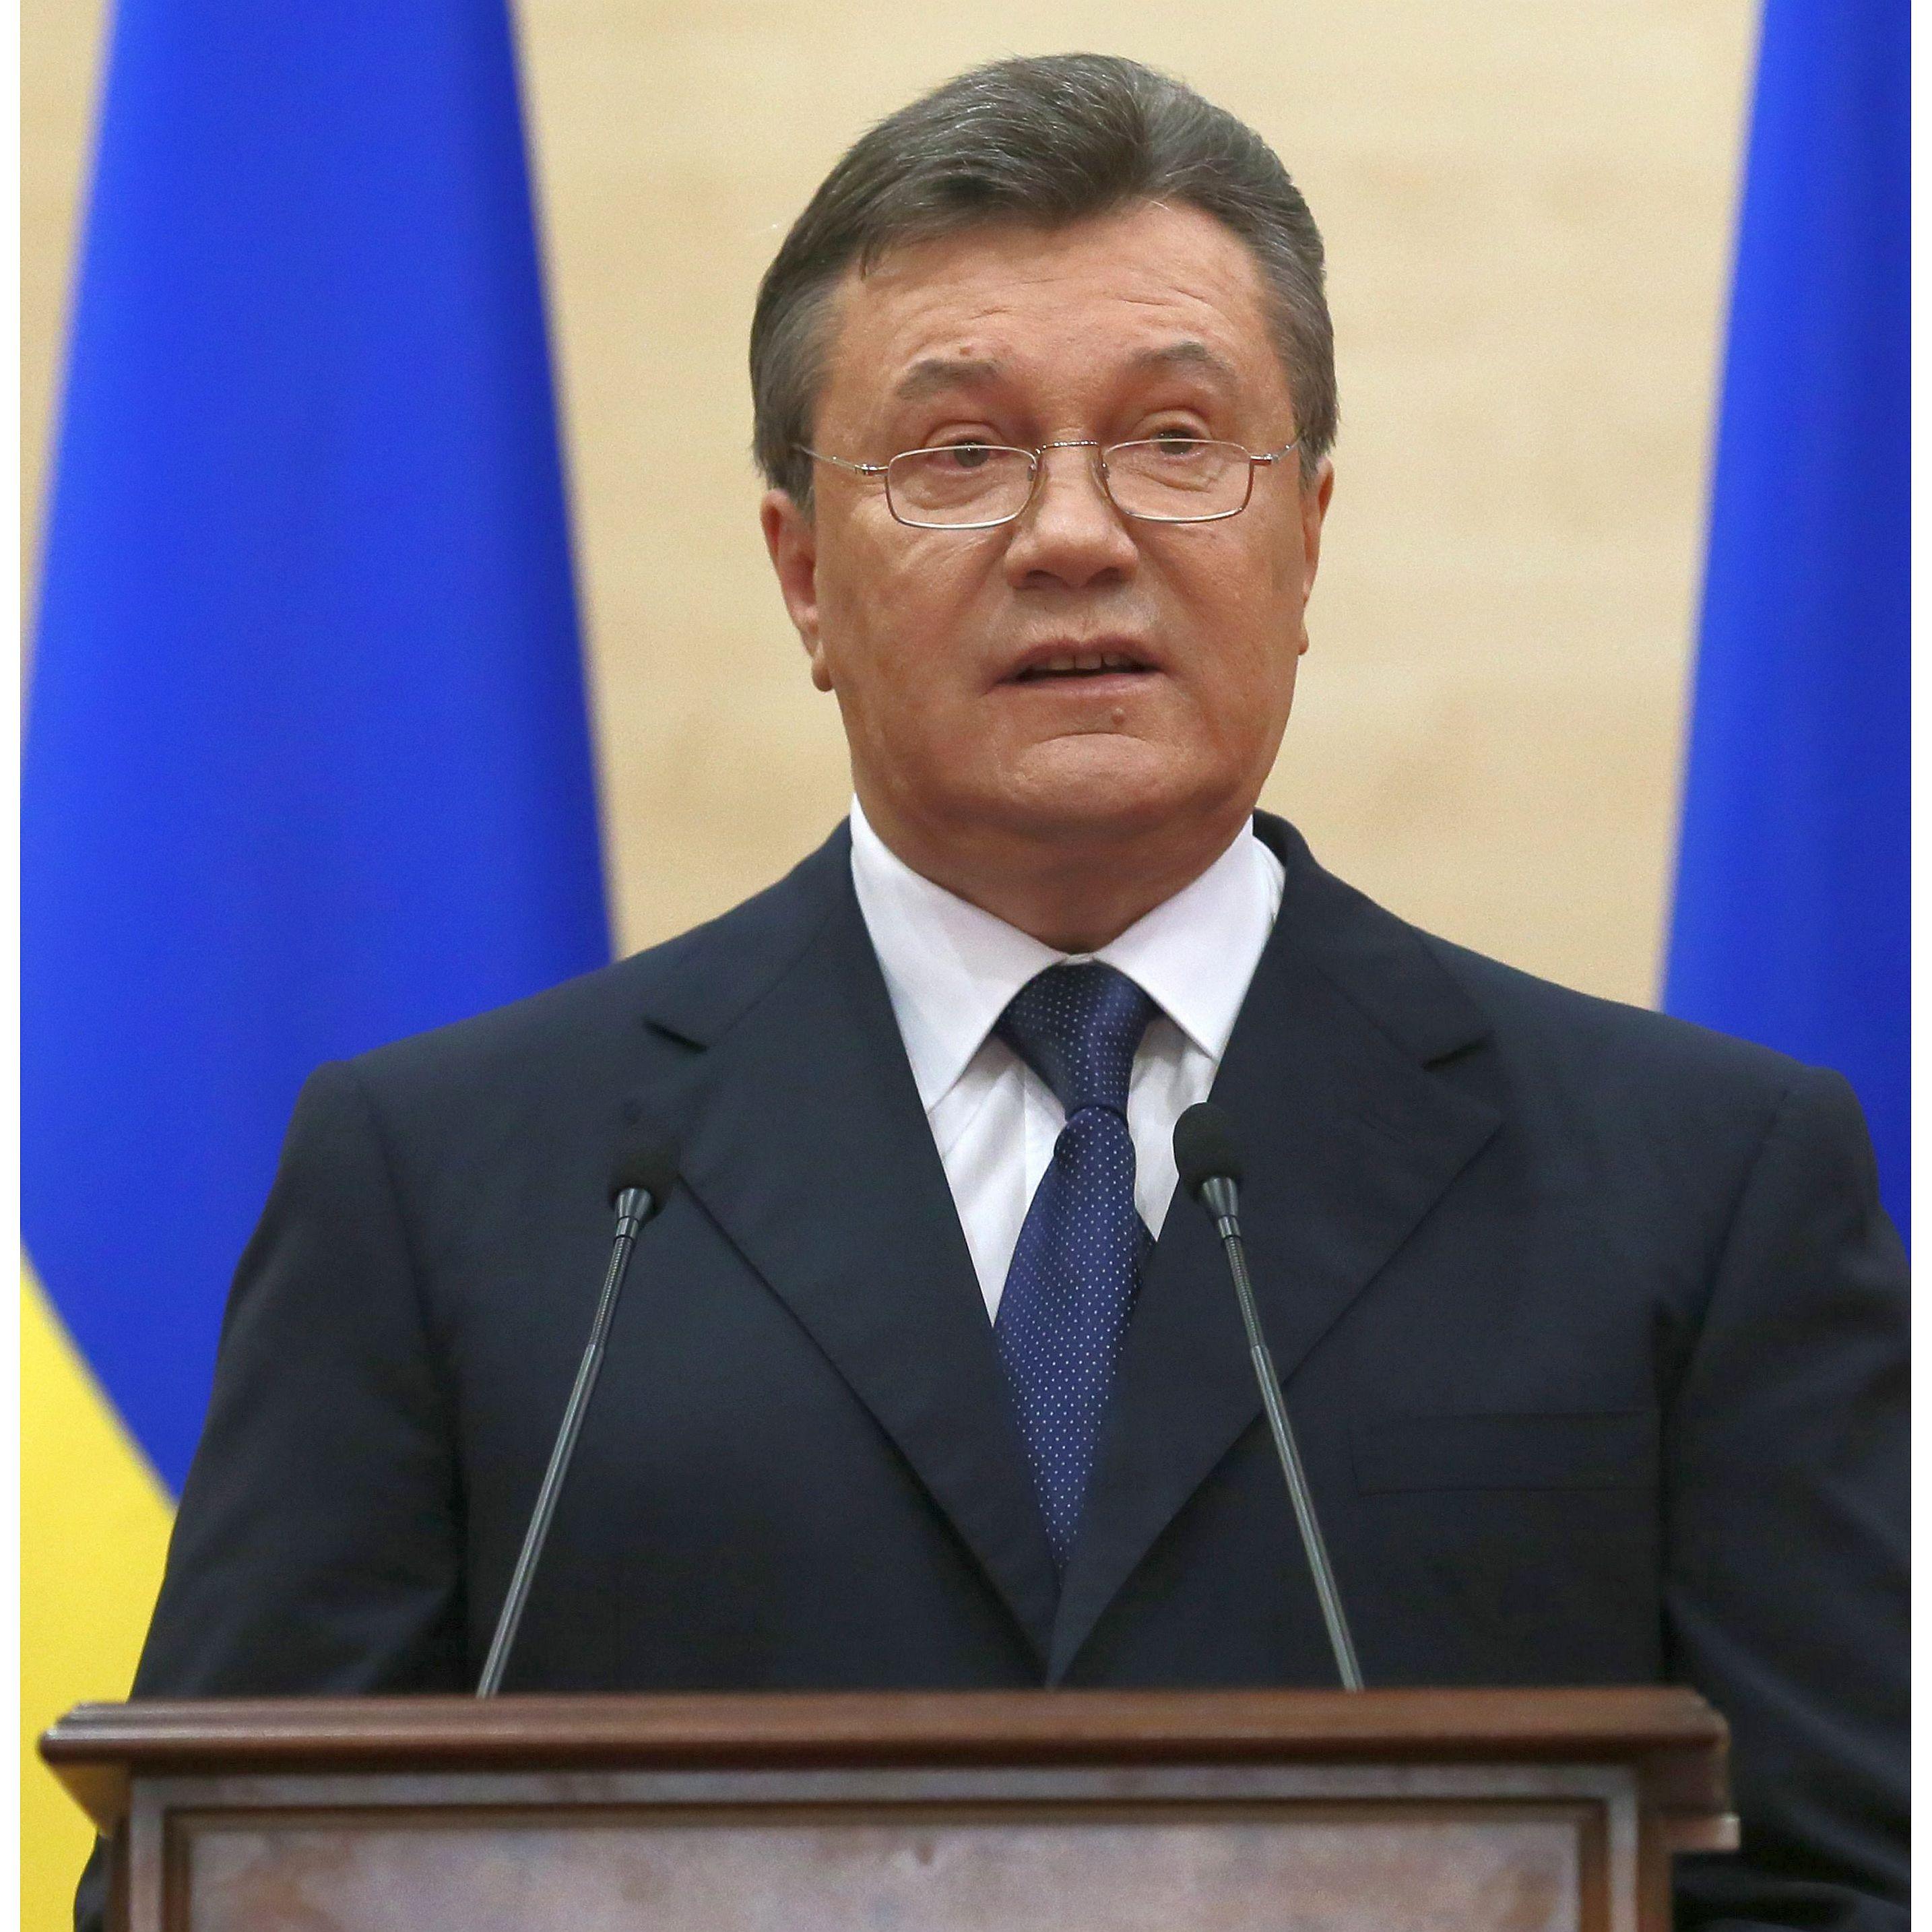 Киев конфискува €1,4 млрд. от Виктор Янукович